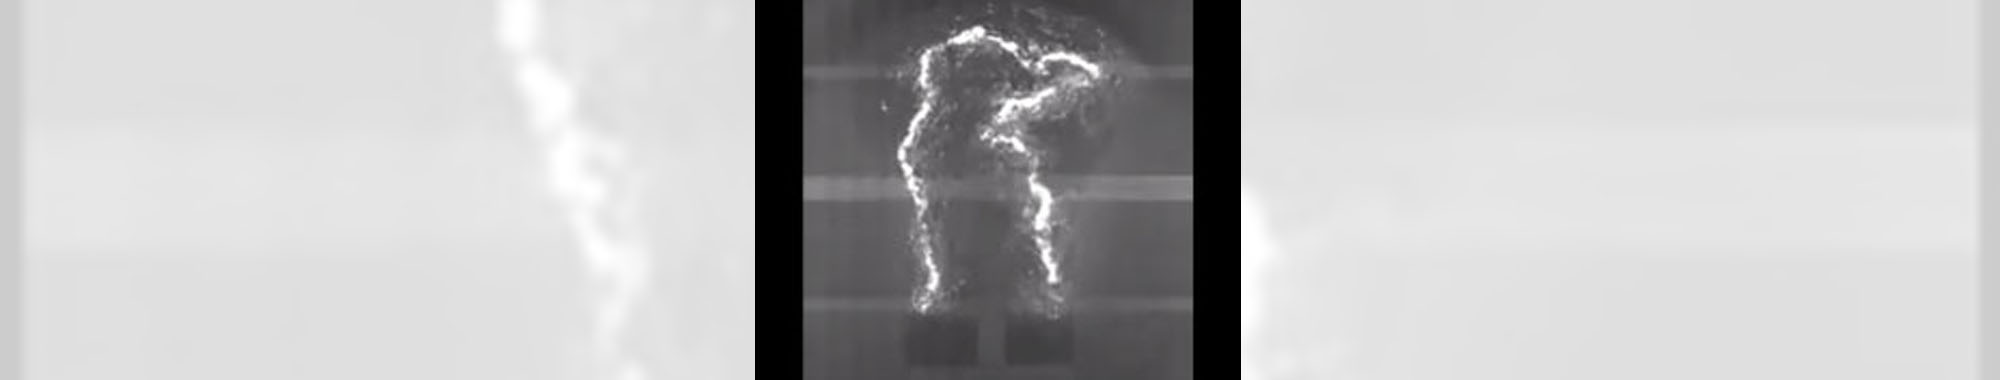 水中放電の撮影